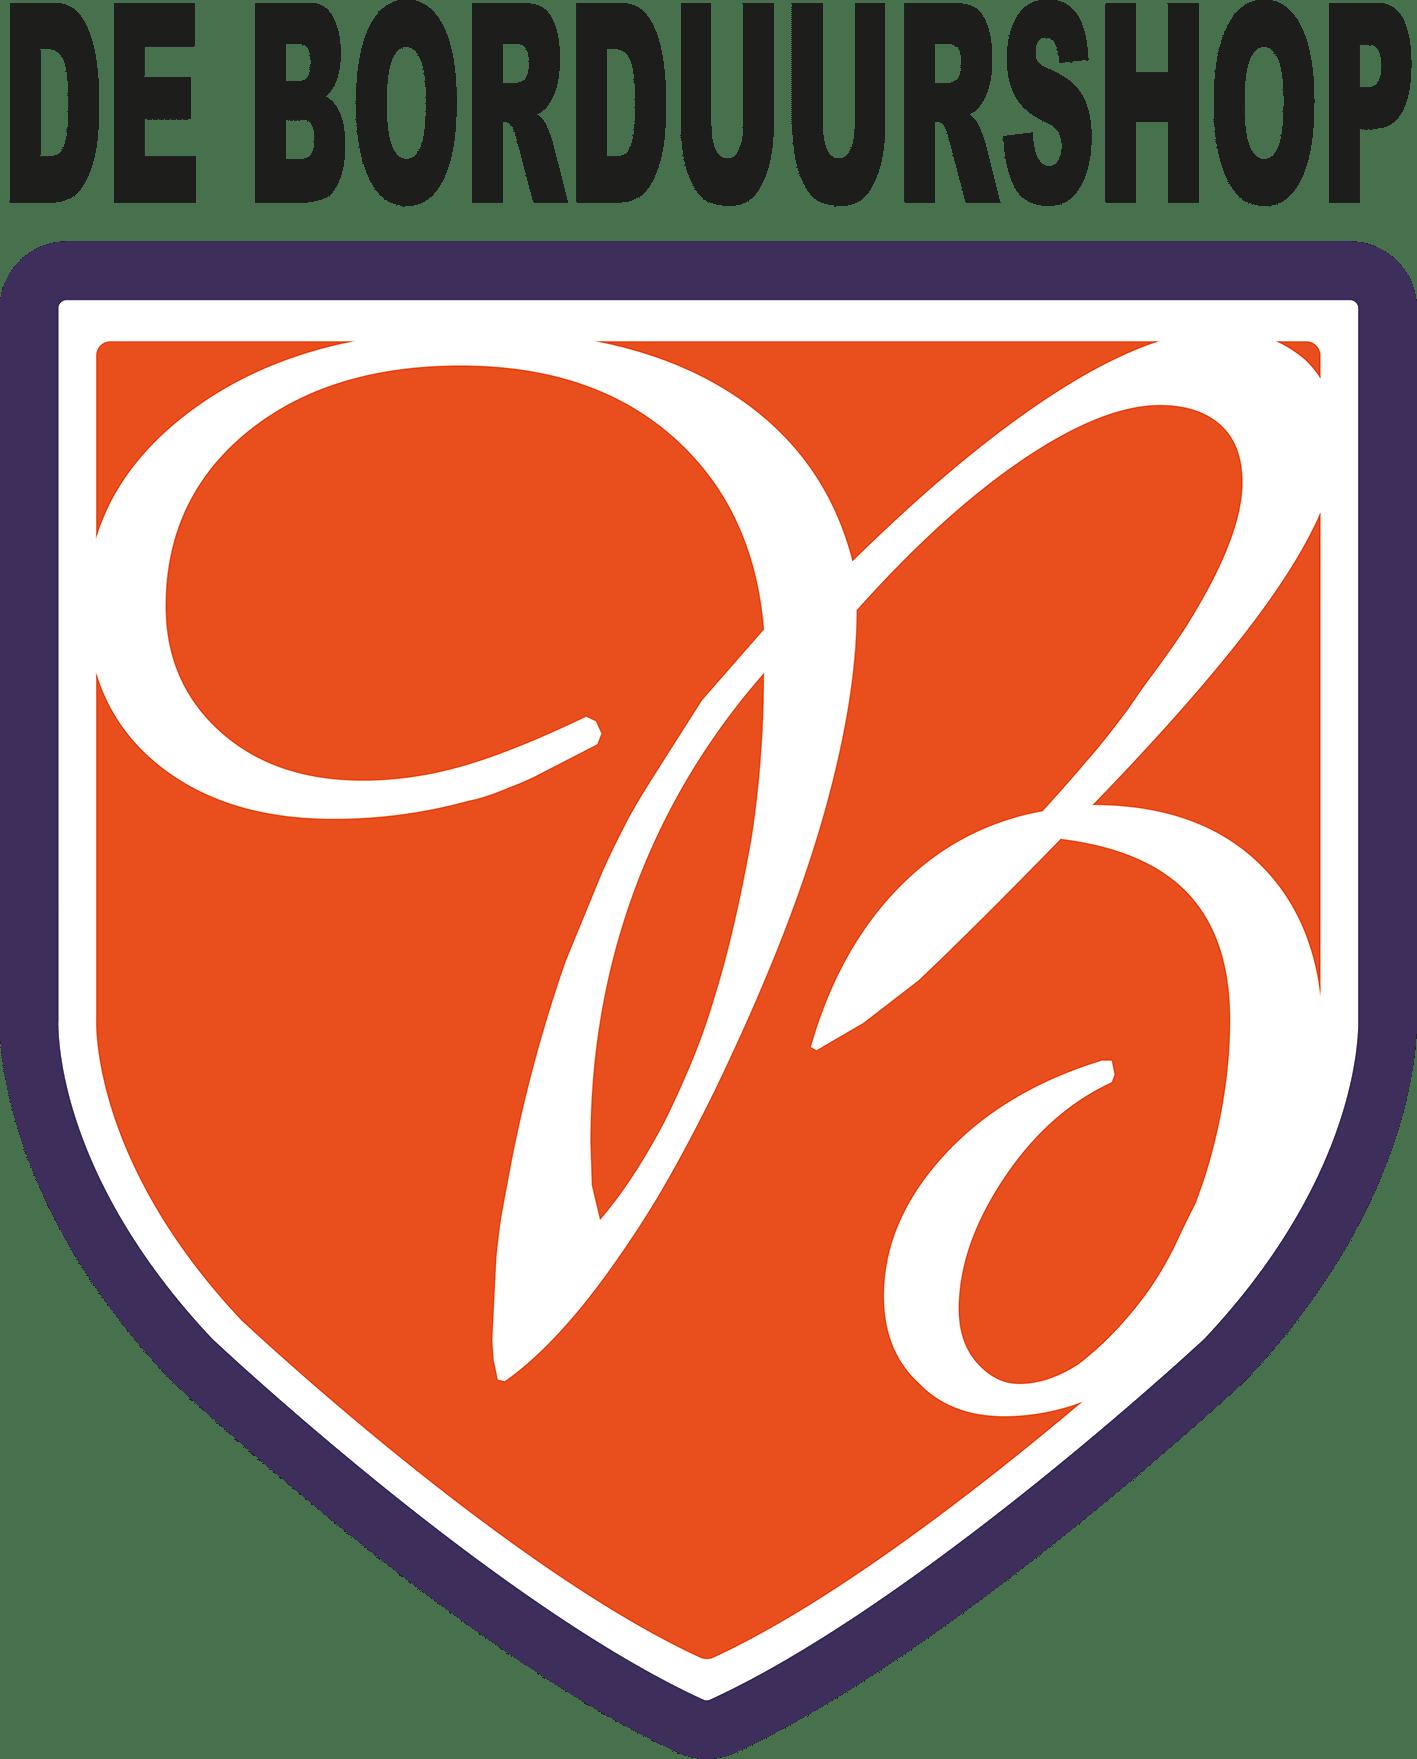 De Borduurshop Logo